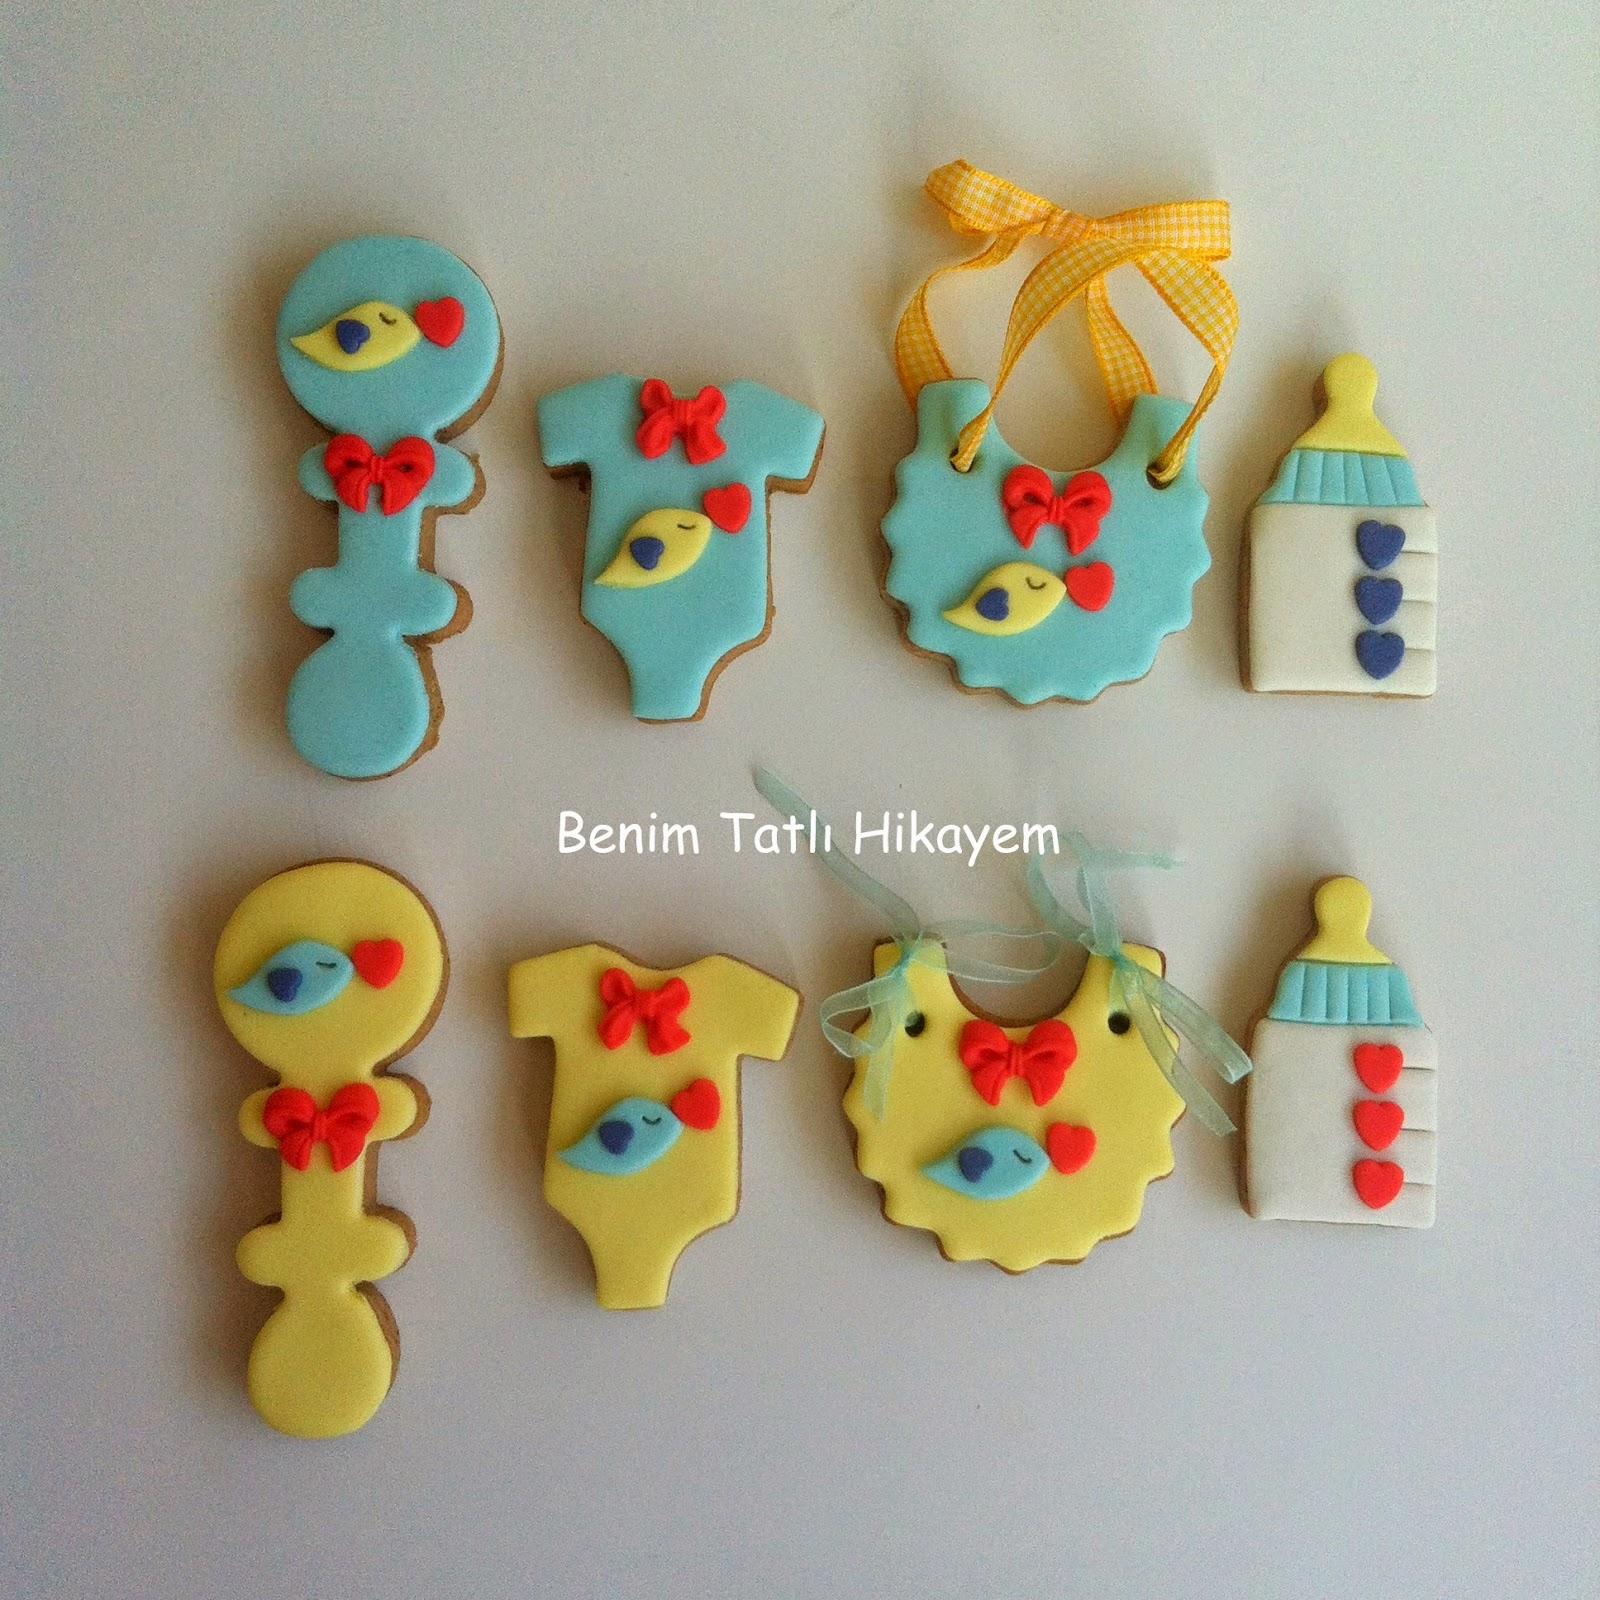 erkek bebek kurabiyesi